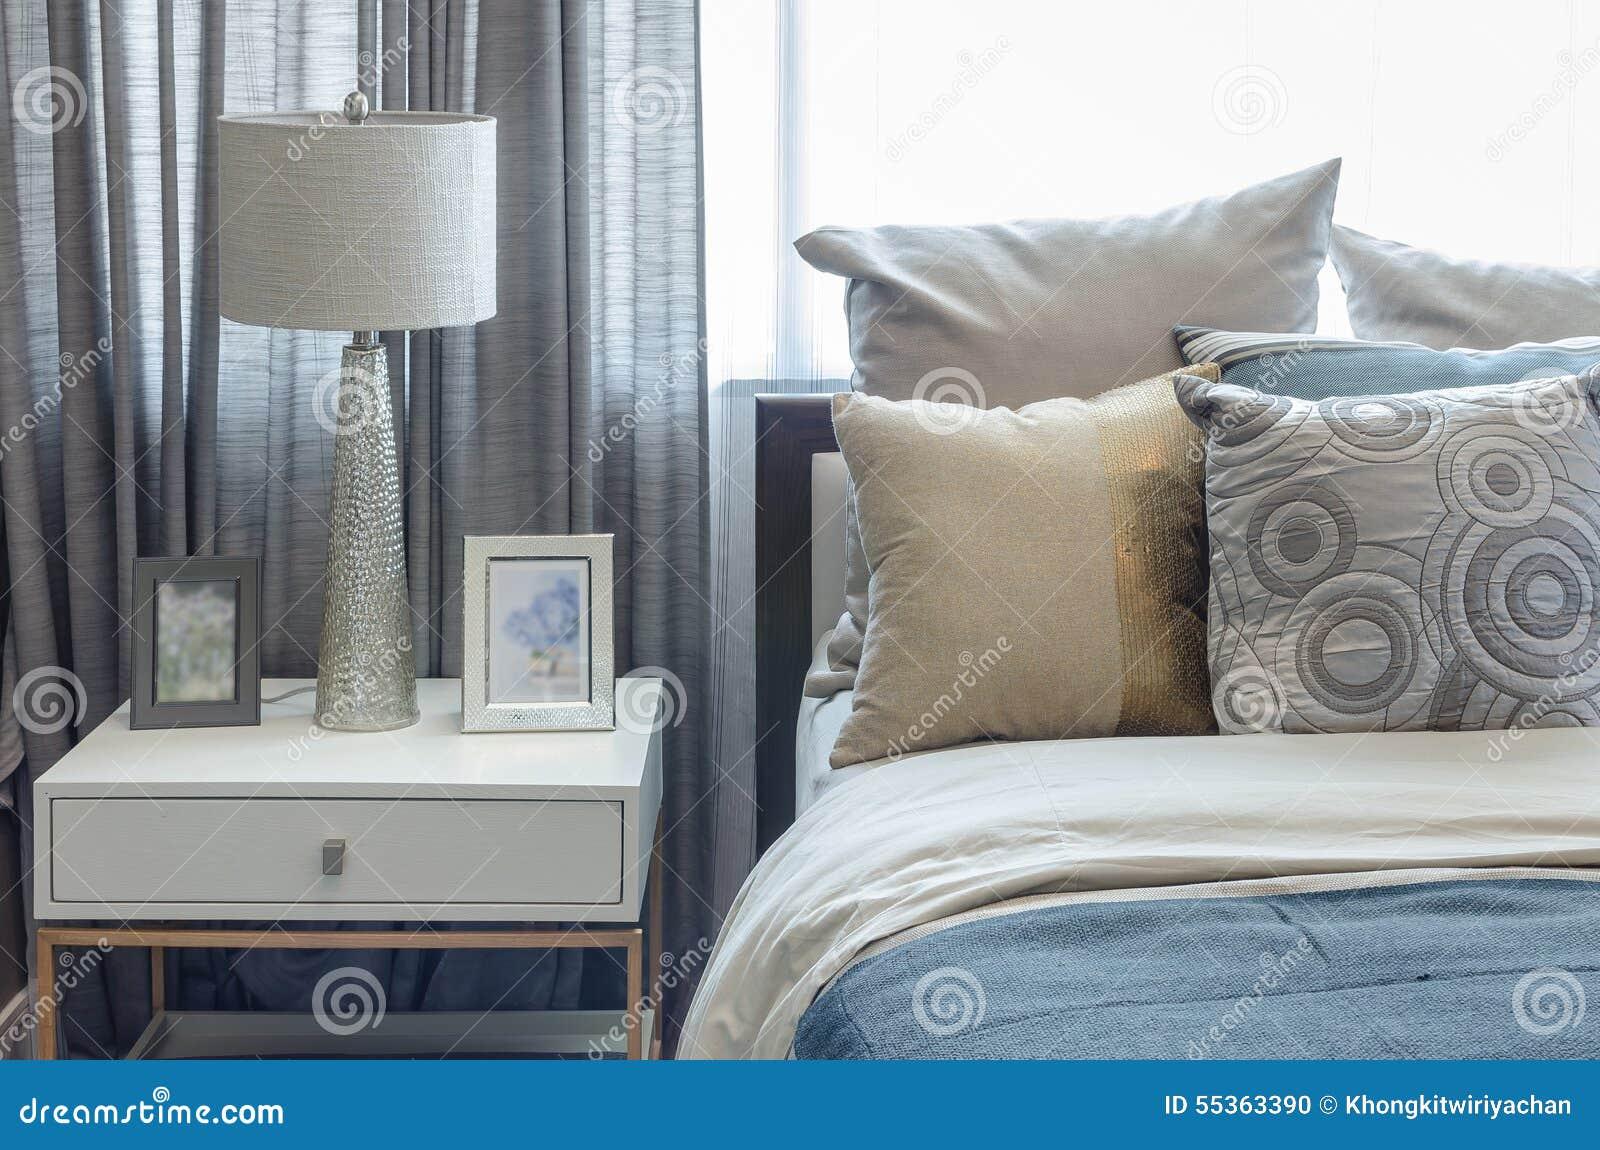 Stile classico della lampada sulla tavola bianca in camera da letto